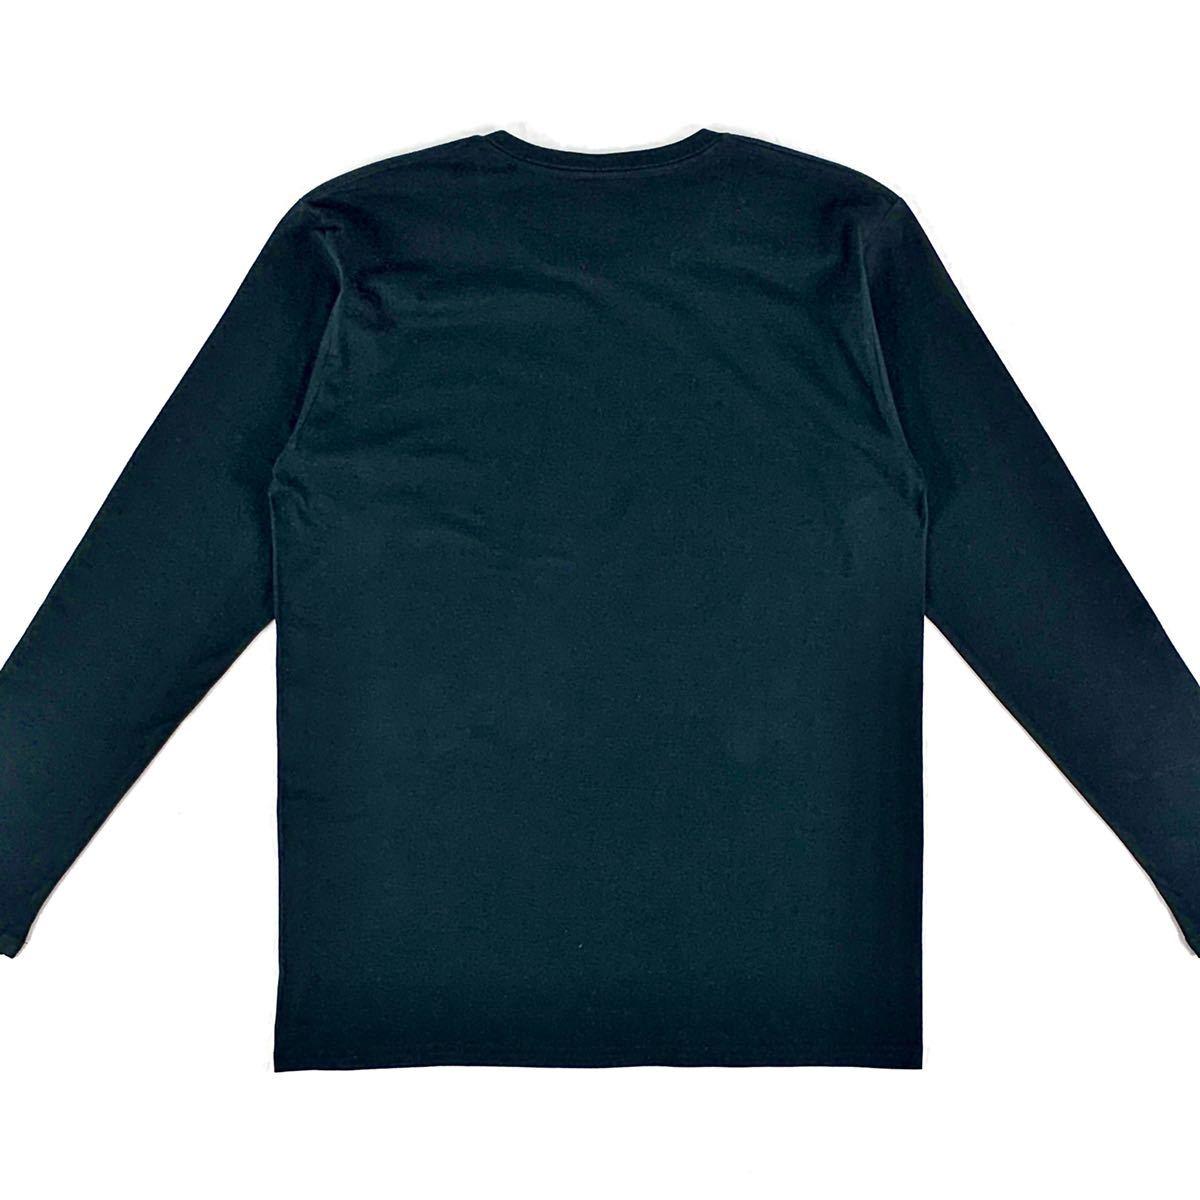 新品 ジミーペイジ レッドツェッペリン ギタリスト ロック バンド 黒 ロンT 長袖 Tシャツ XS S M L XL ビッグ オーバー サイズ XXL~4XL 可_画像10